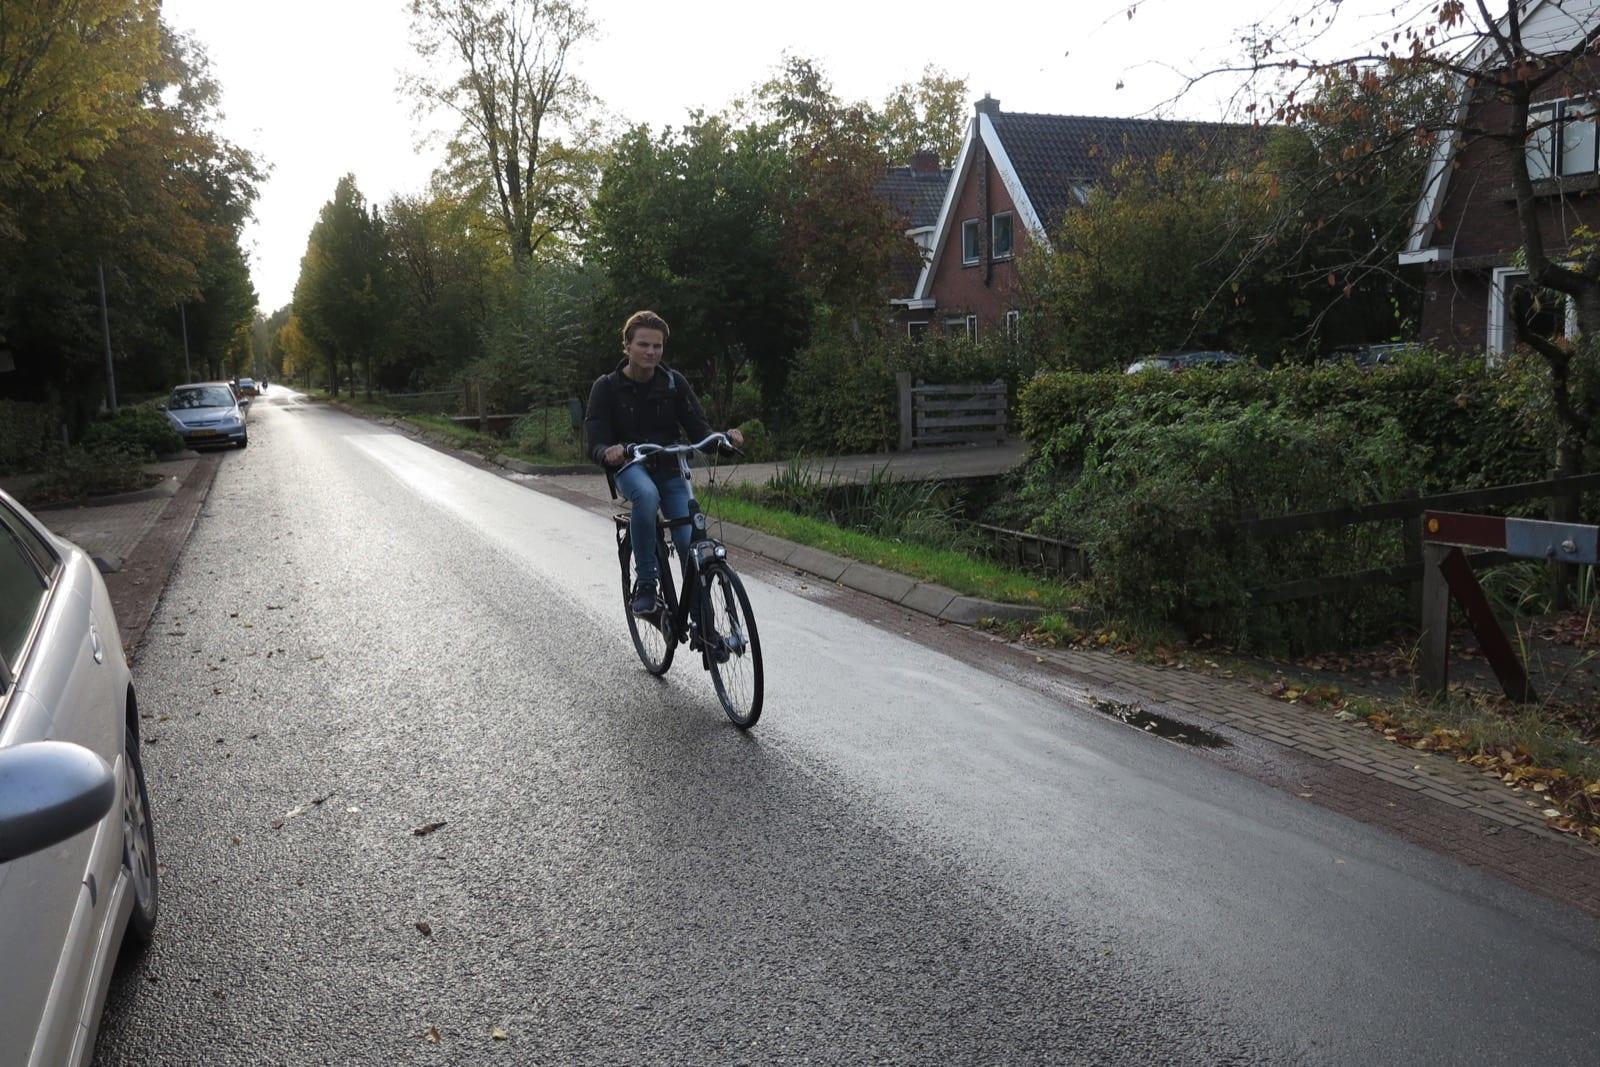 et-fiets-en-fietser-88-wanne-buitenhuis-molenweg-oi.jpg